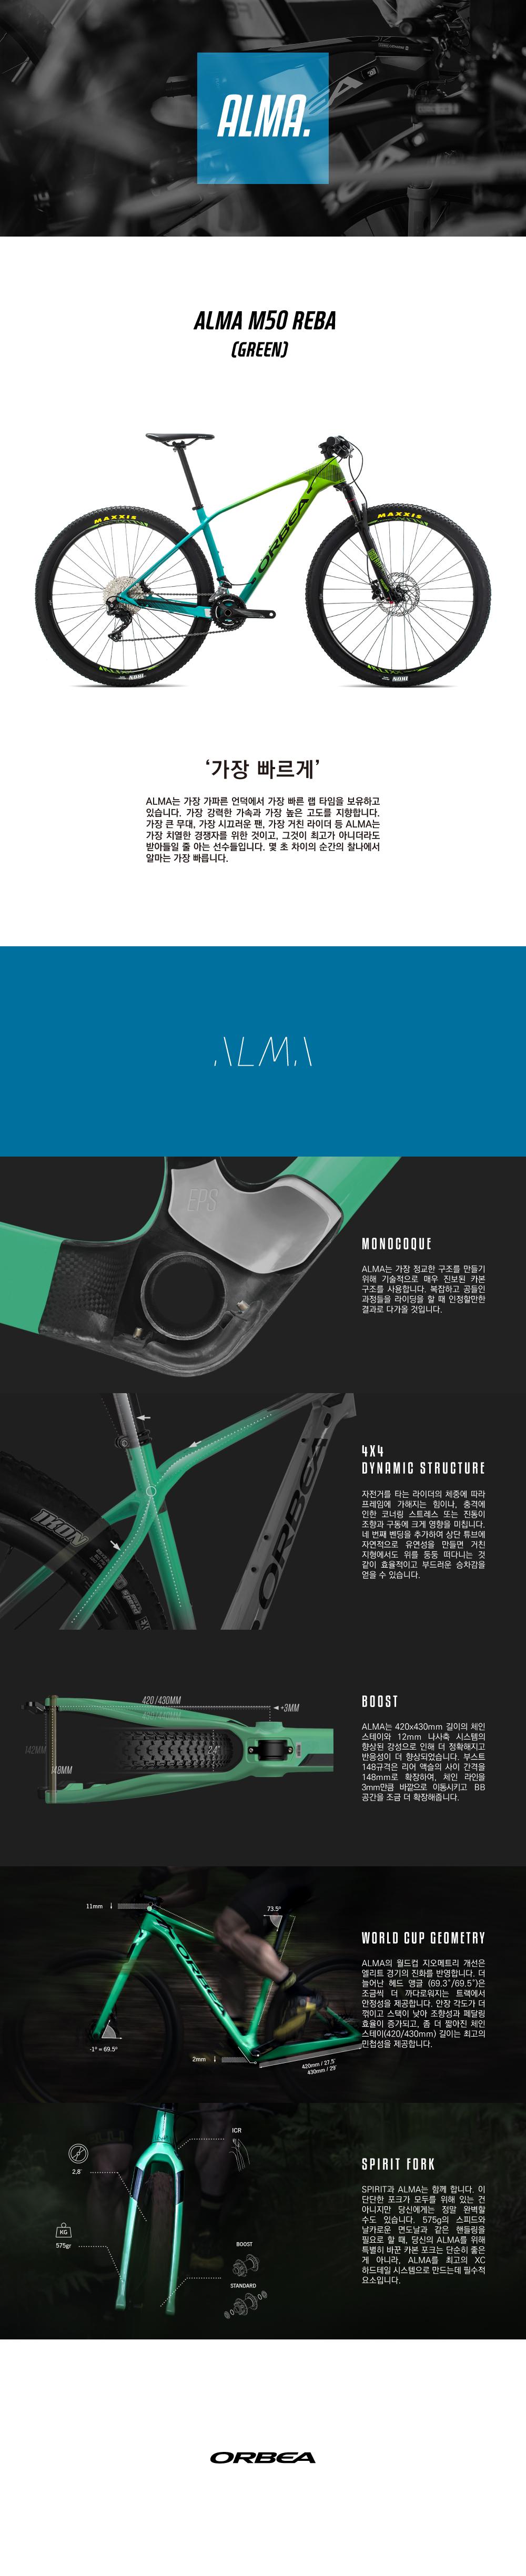 ALMA-M50-REBA_GREEN.jpg